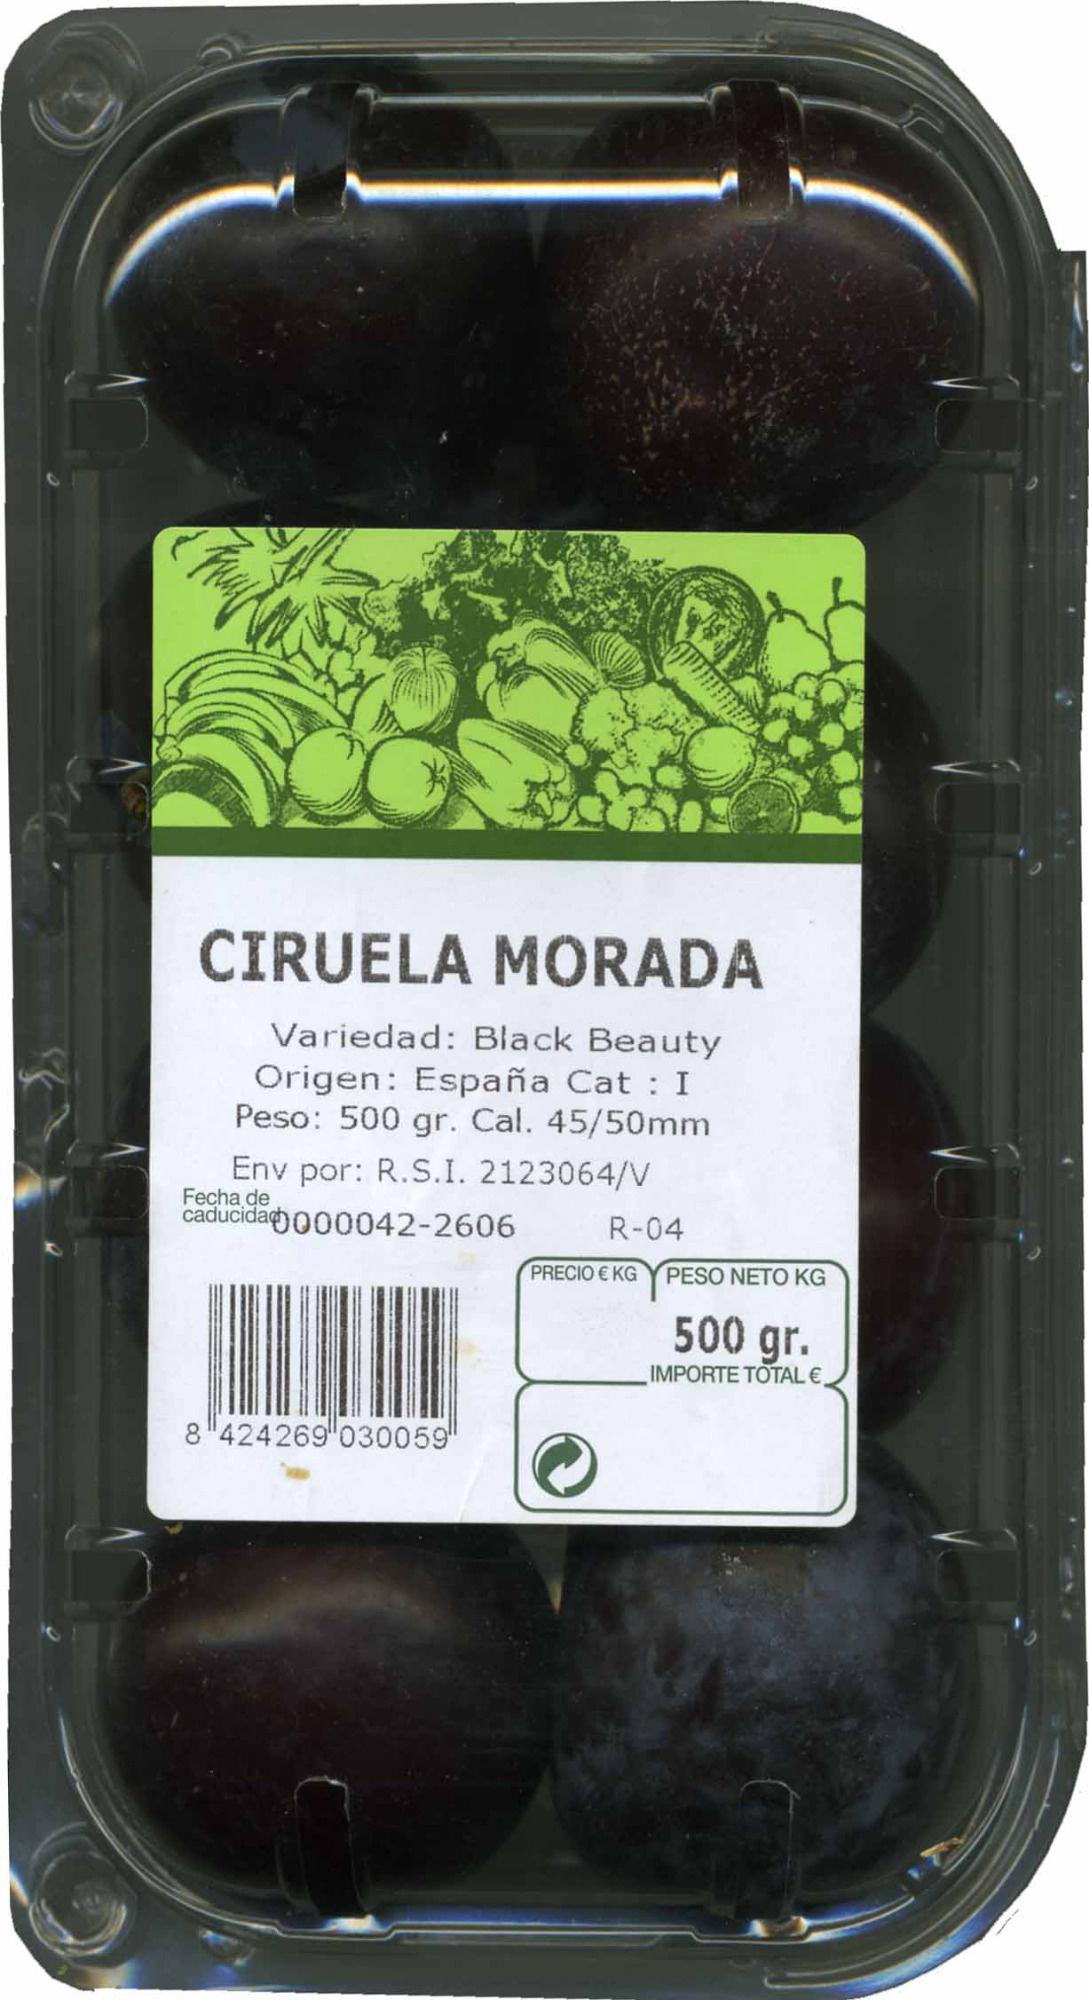 Ciruelas moradas - Producto